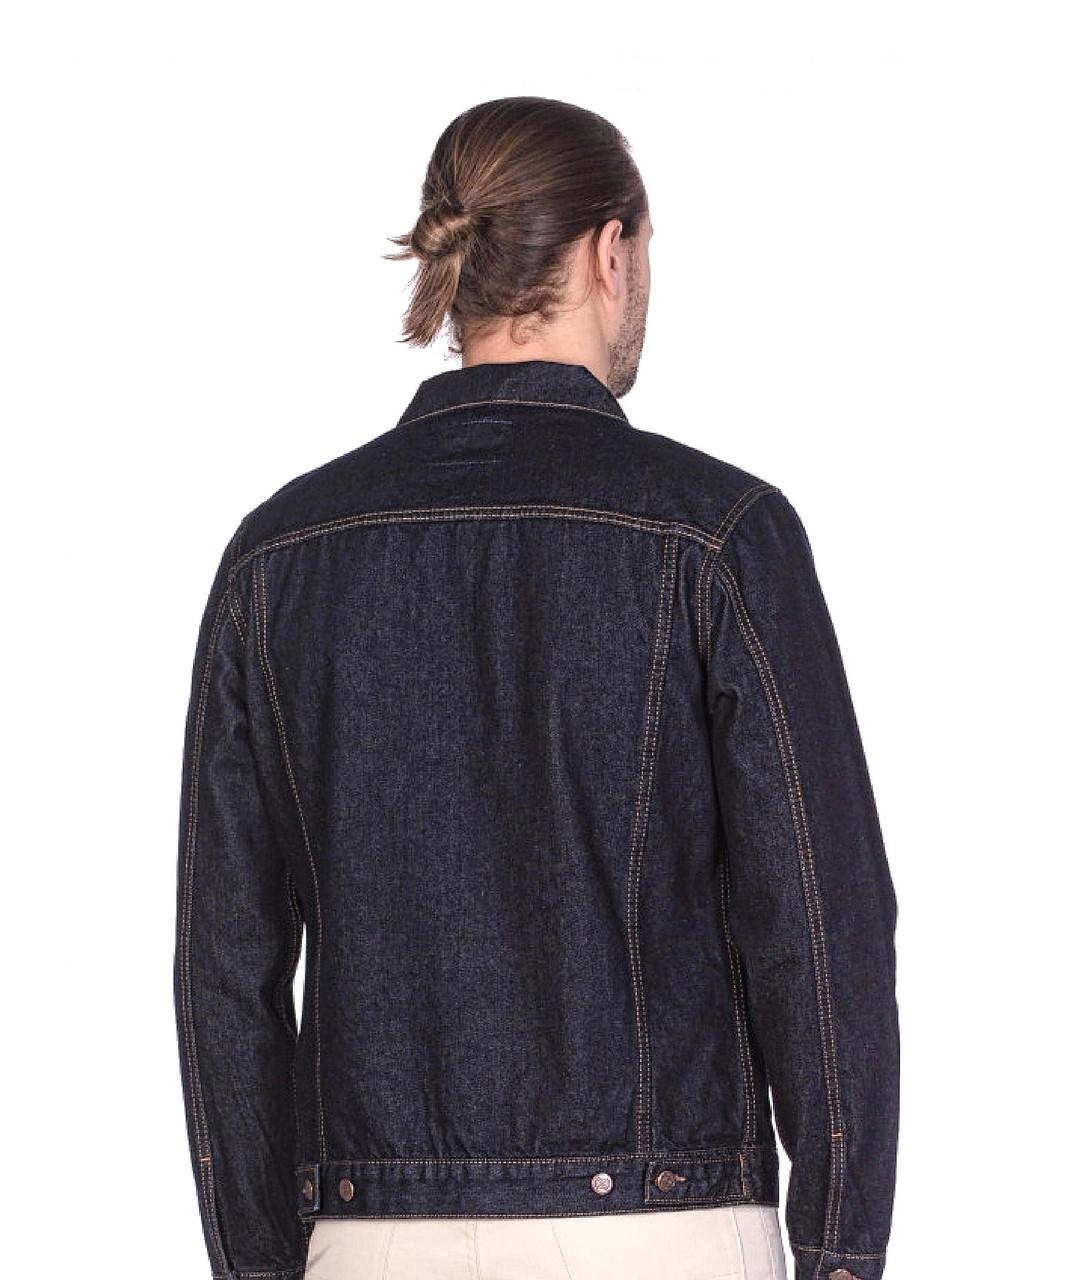 Джинсовая мужская куртка Koutons 1026 Petro 01 rinz - фото 3